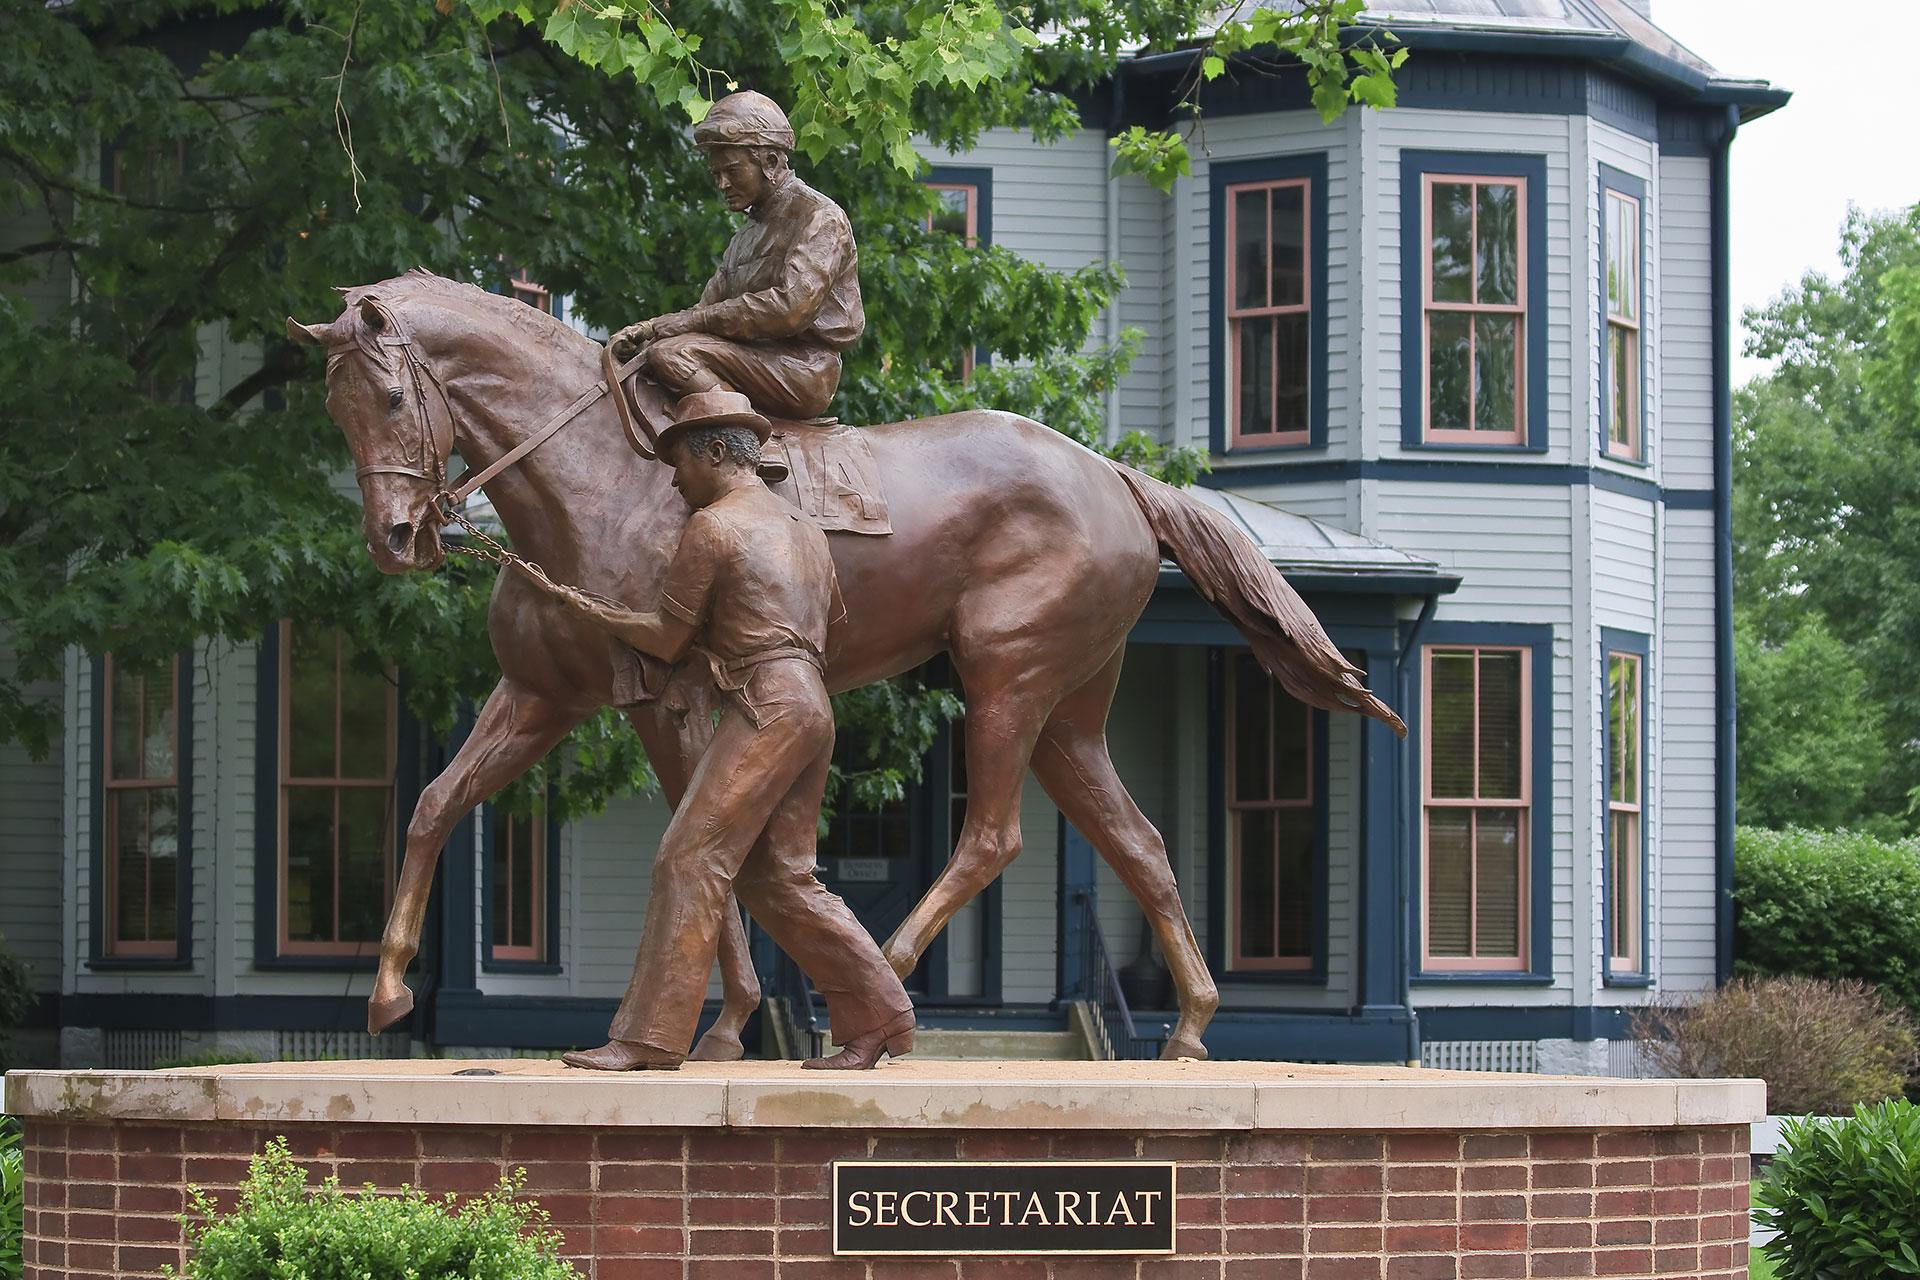 Kentucky Horse Park in Lexington, Kentucky; Courtesy of Jill Lang/Shutterstock.com